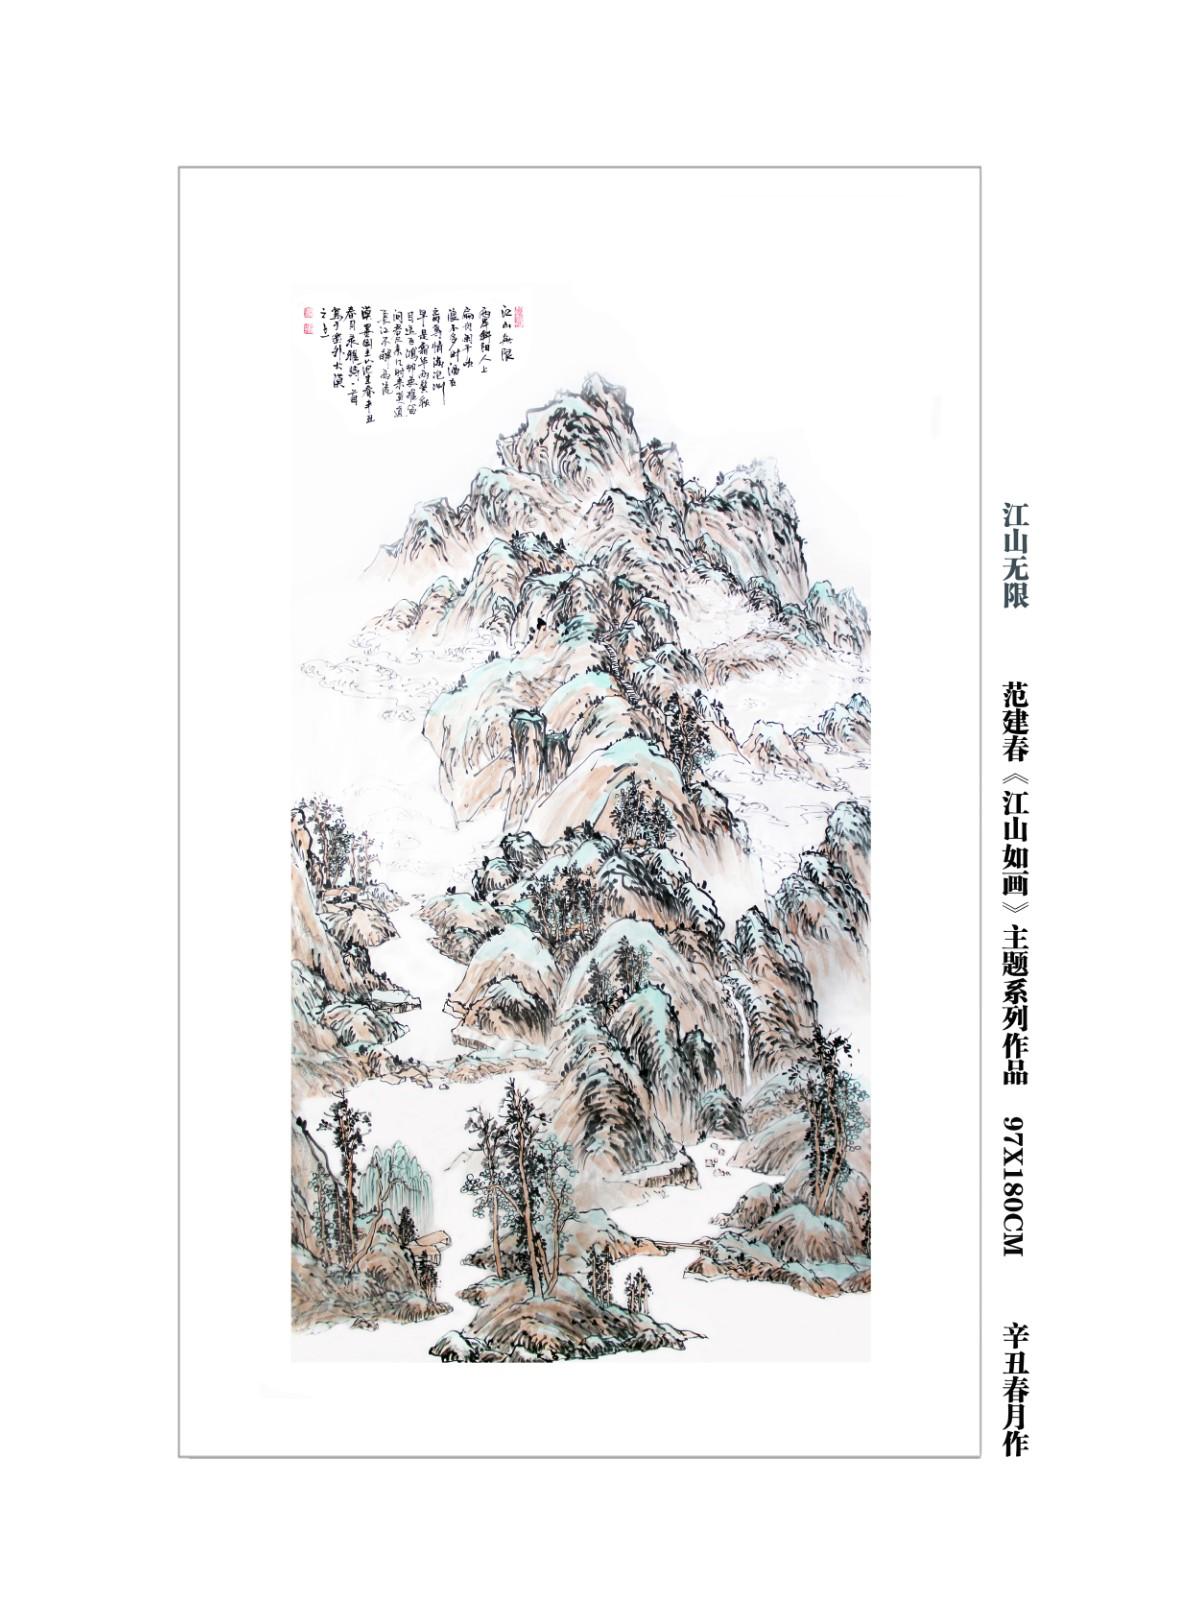 范建春《江山如画》系列国画作品_图1-3